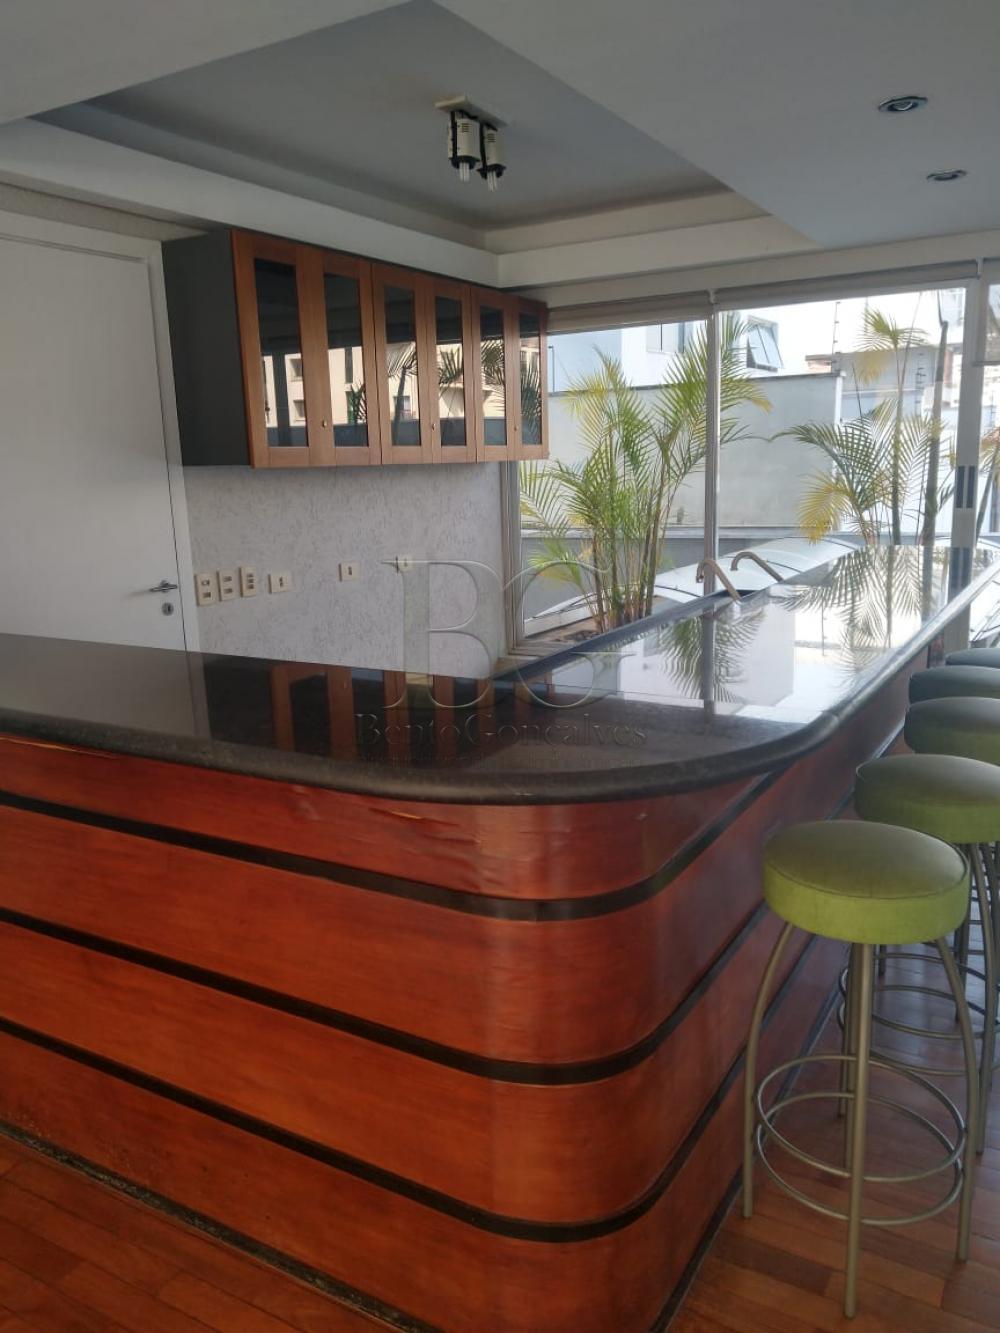 Comprar Apartamentos / Padrão em Poços de Caldas apenas R$ 250.000,00 - Foto 10